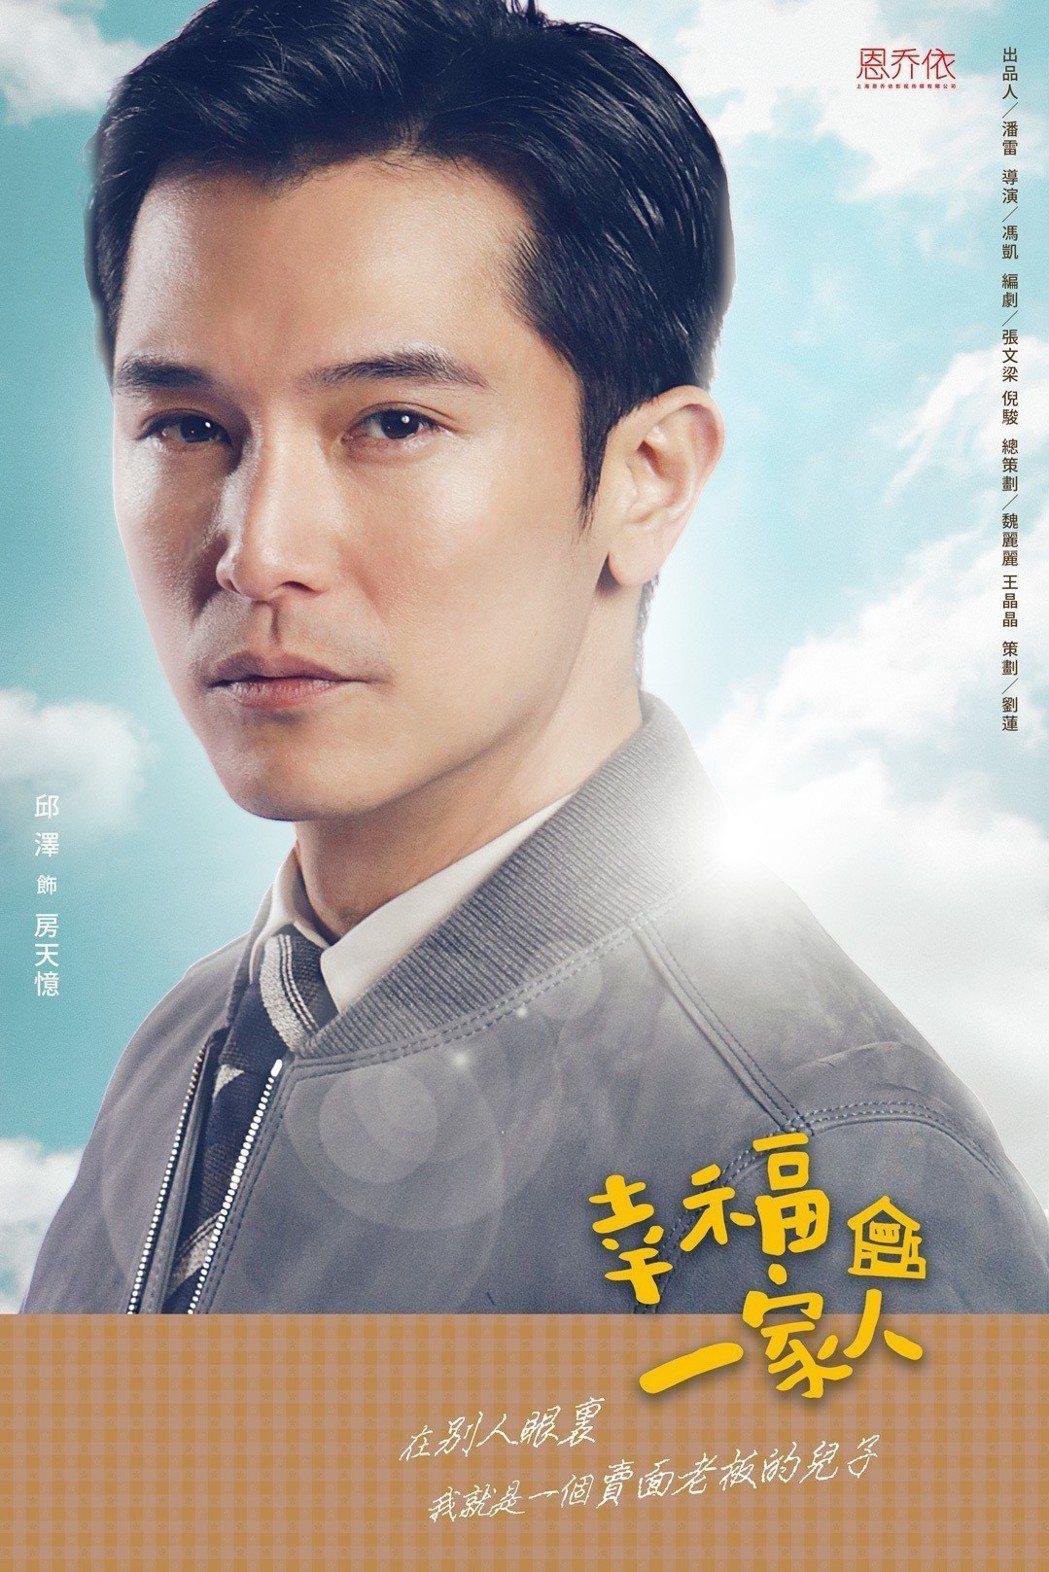 邱澤在戲中飾演李立群的兒子,父子對戲令人動容。圖/恩喬依影視提供